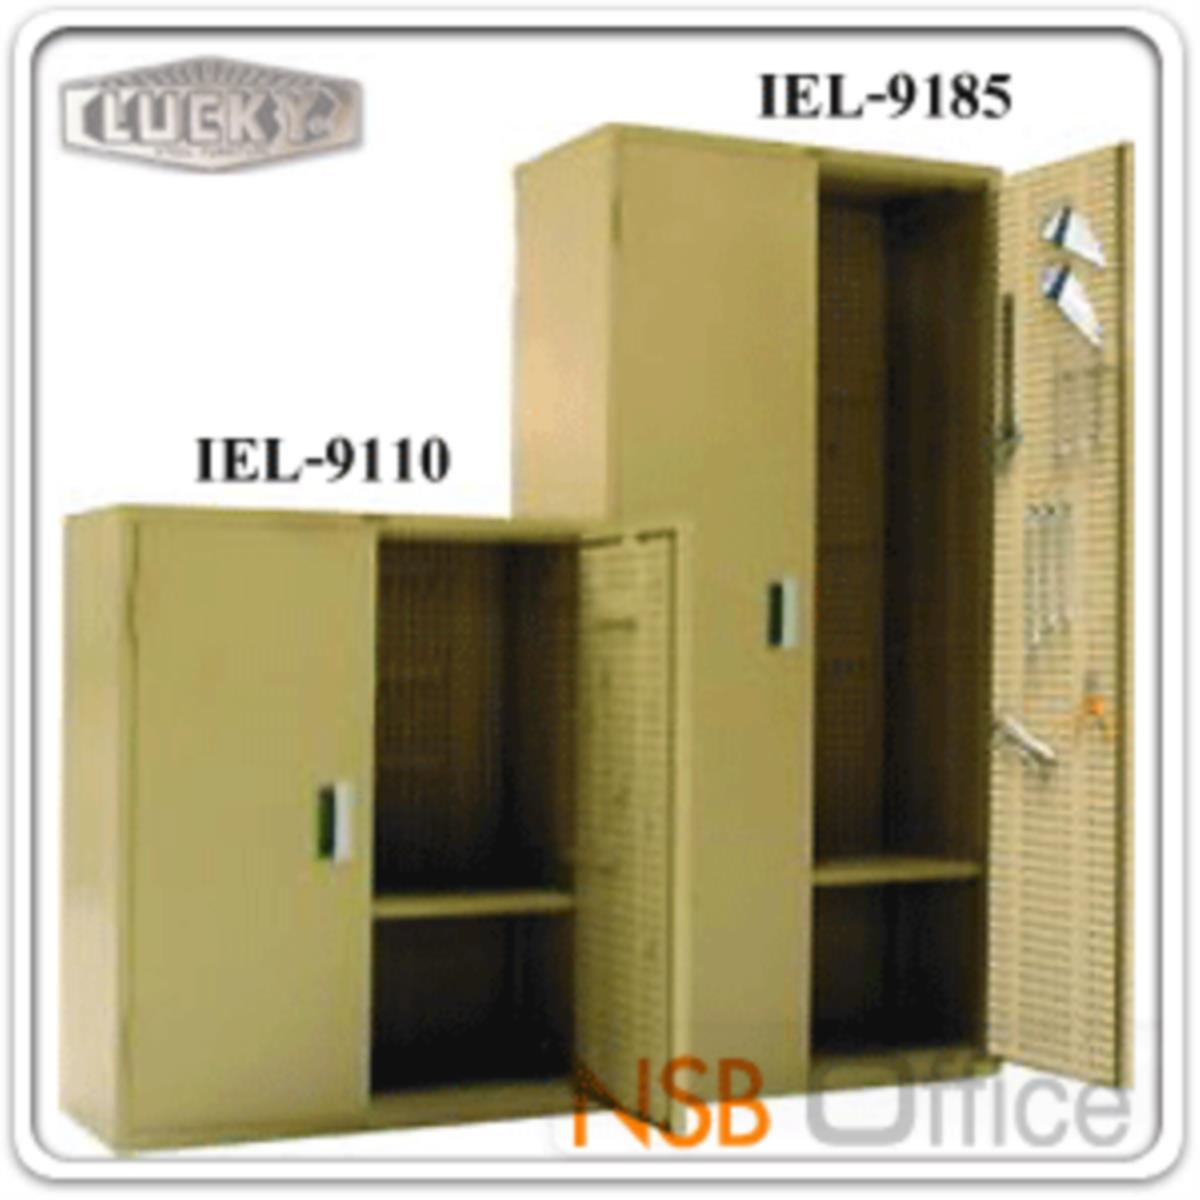 ตู้เหล็กเก็บเครื่องมือ 2 บานเปิดทึบ 110H cm. ยี่ห้อลัคกี้ รุ่น IEL-9110 มือจับฝัง